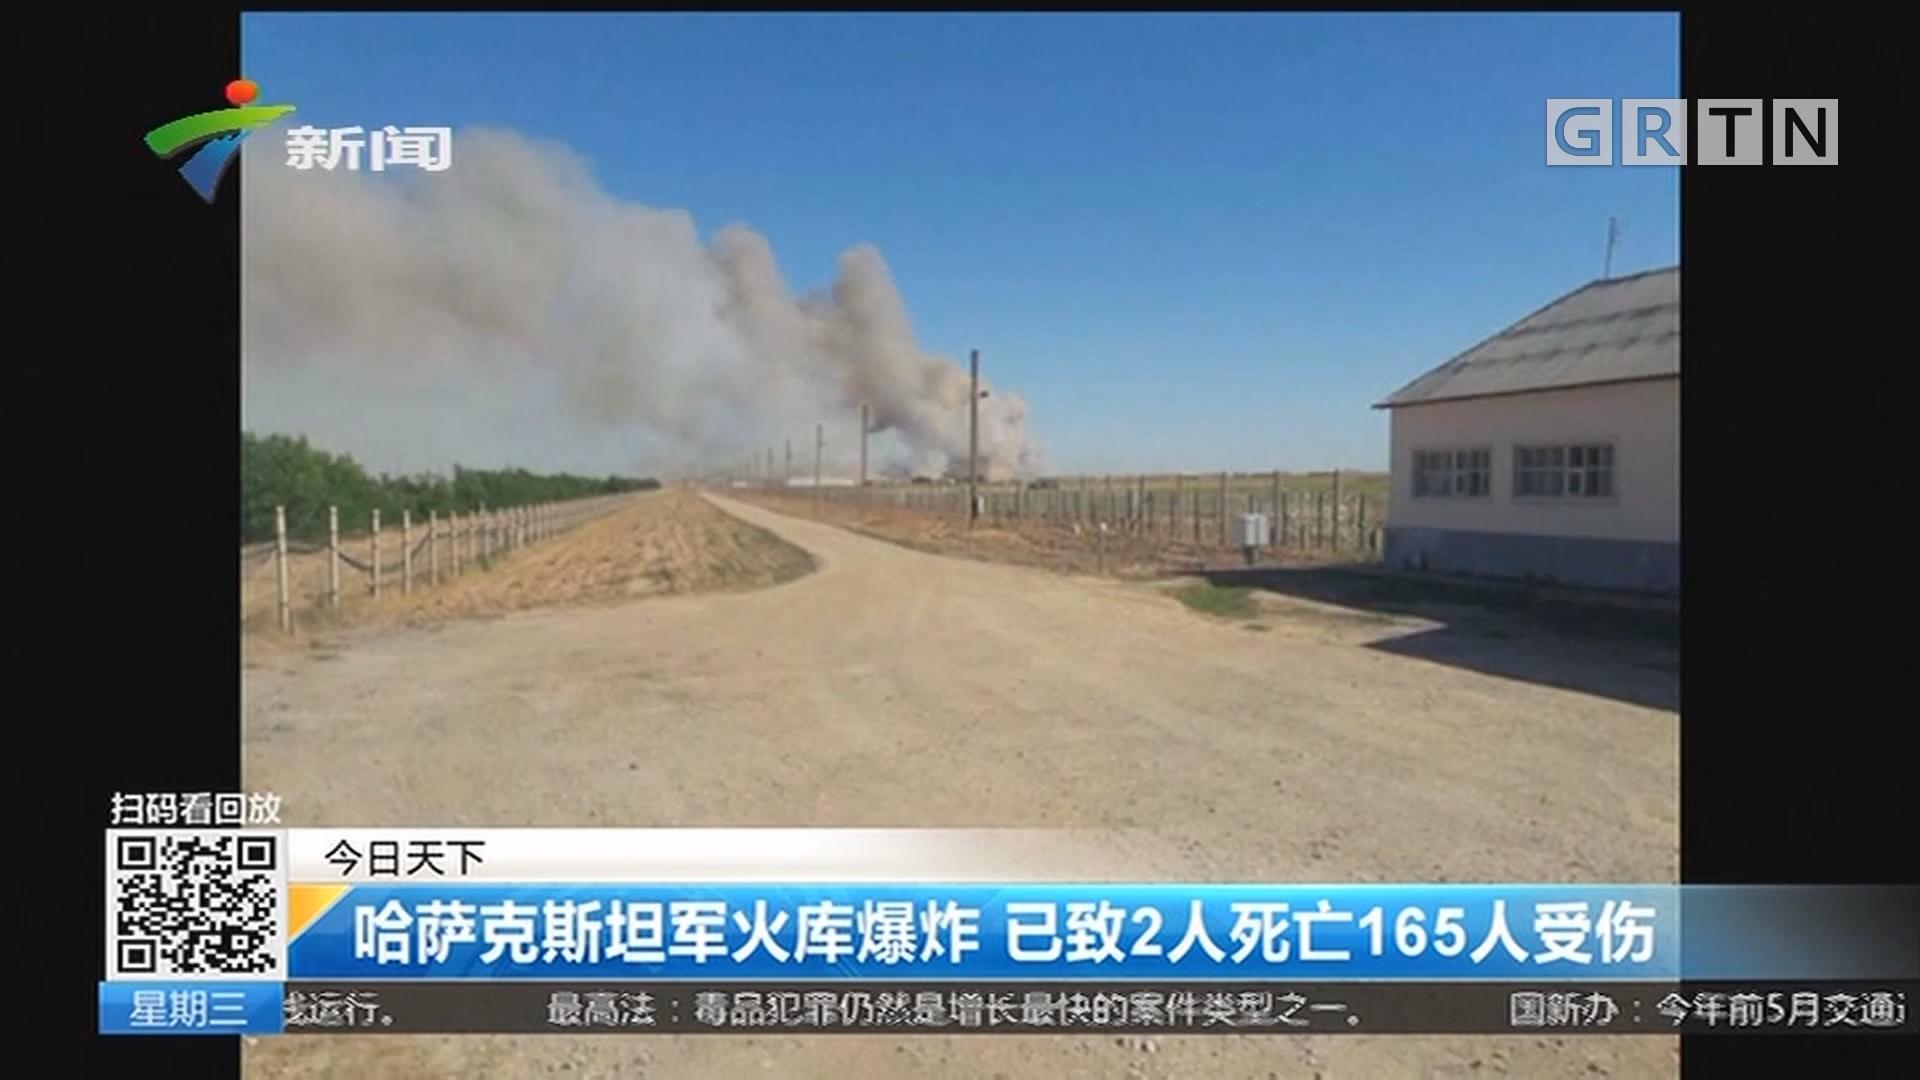 哈萨克斯坦军火库爆炸 已致2人死亡165人受伤